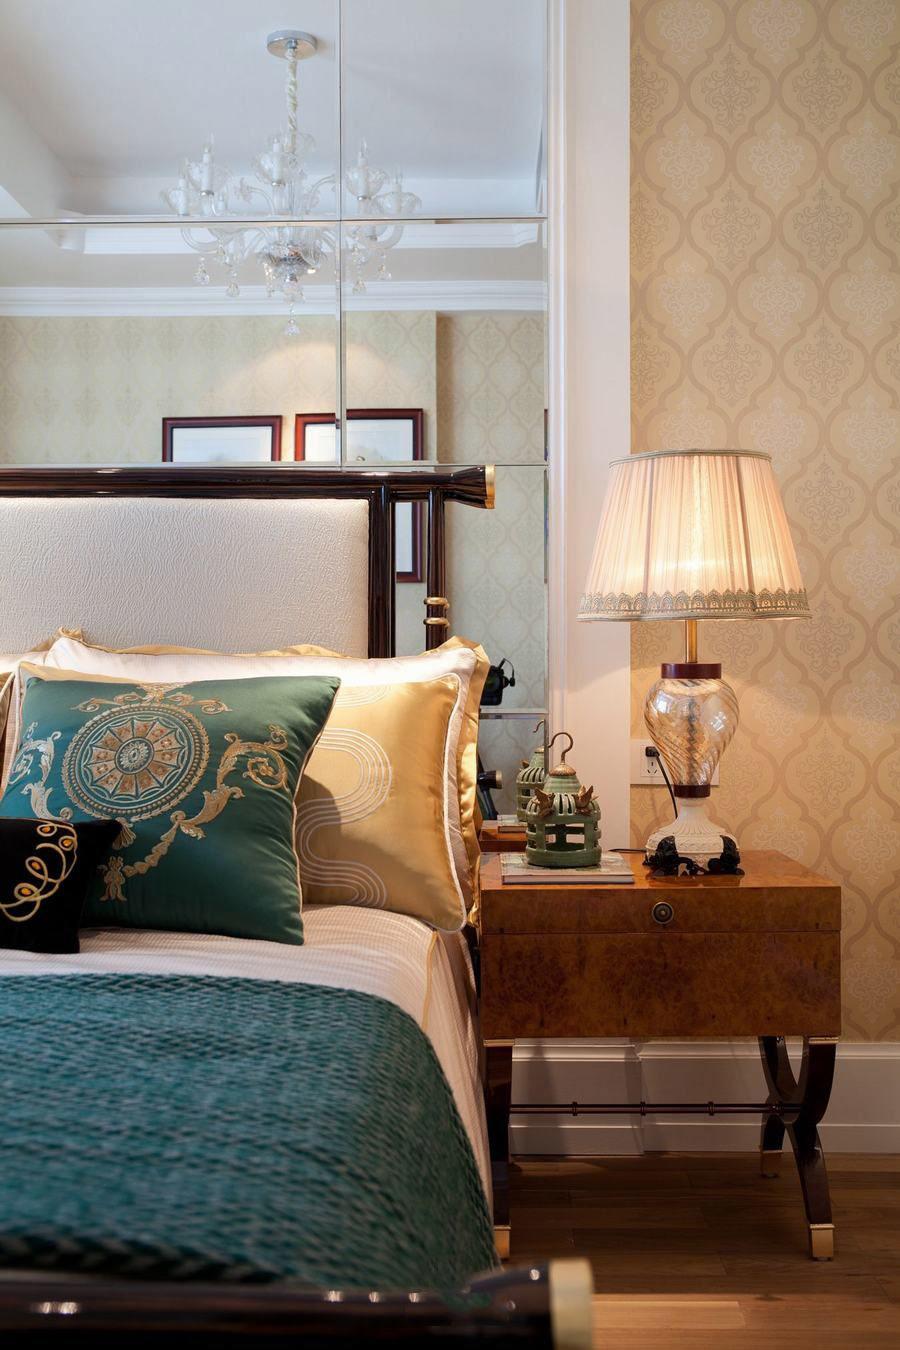 时尚经典欧式风格卧室台灯装饰搭配效果图